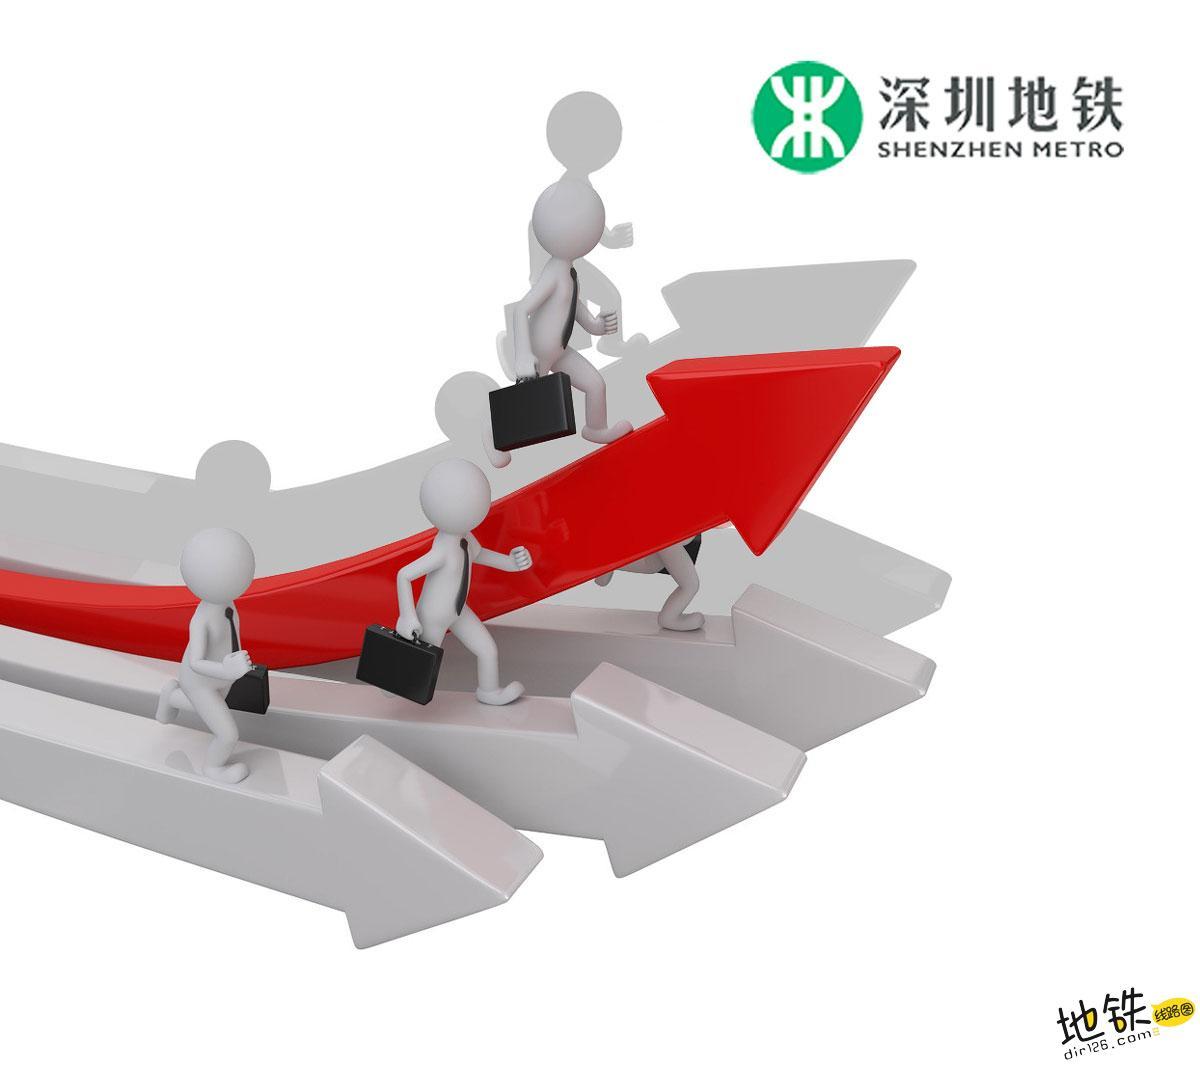 年薪10万+!深圳地铁招聘专科以上585人! 集团 运营 招聘 应聘 深圳地铁 轨道招聘  第1张